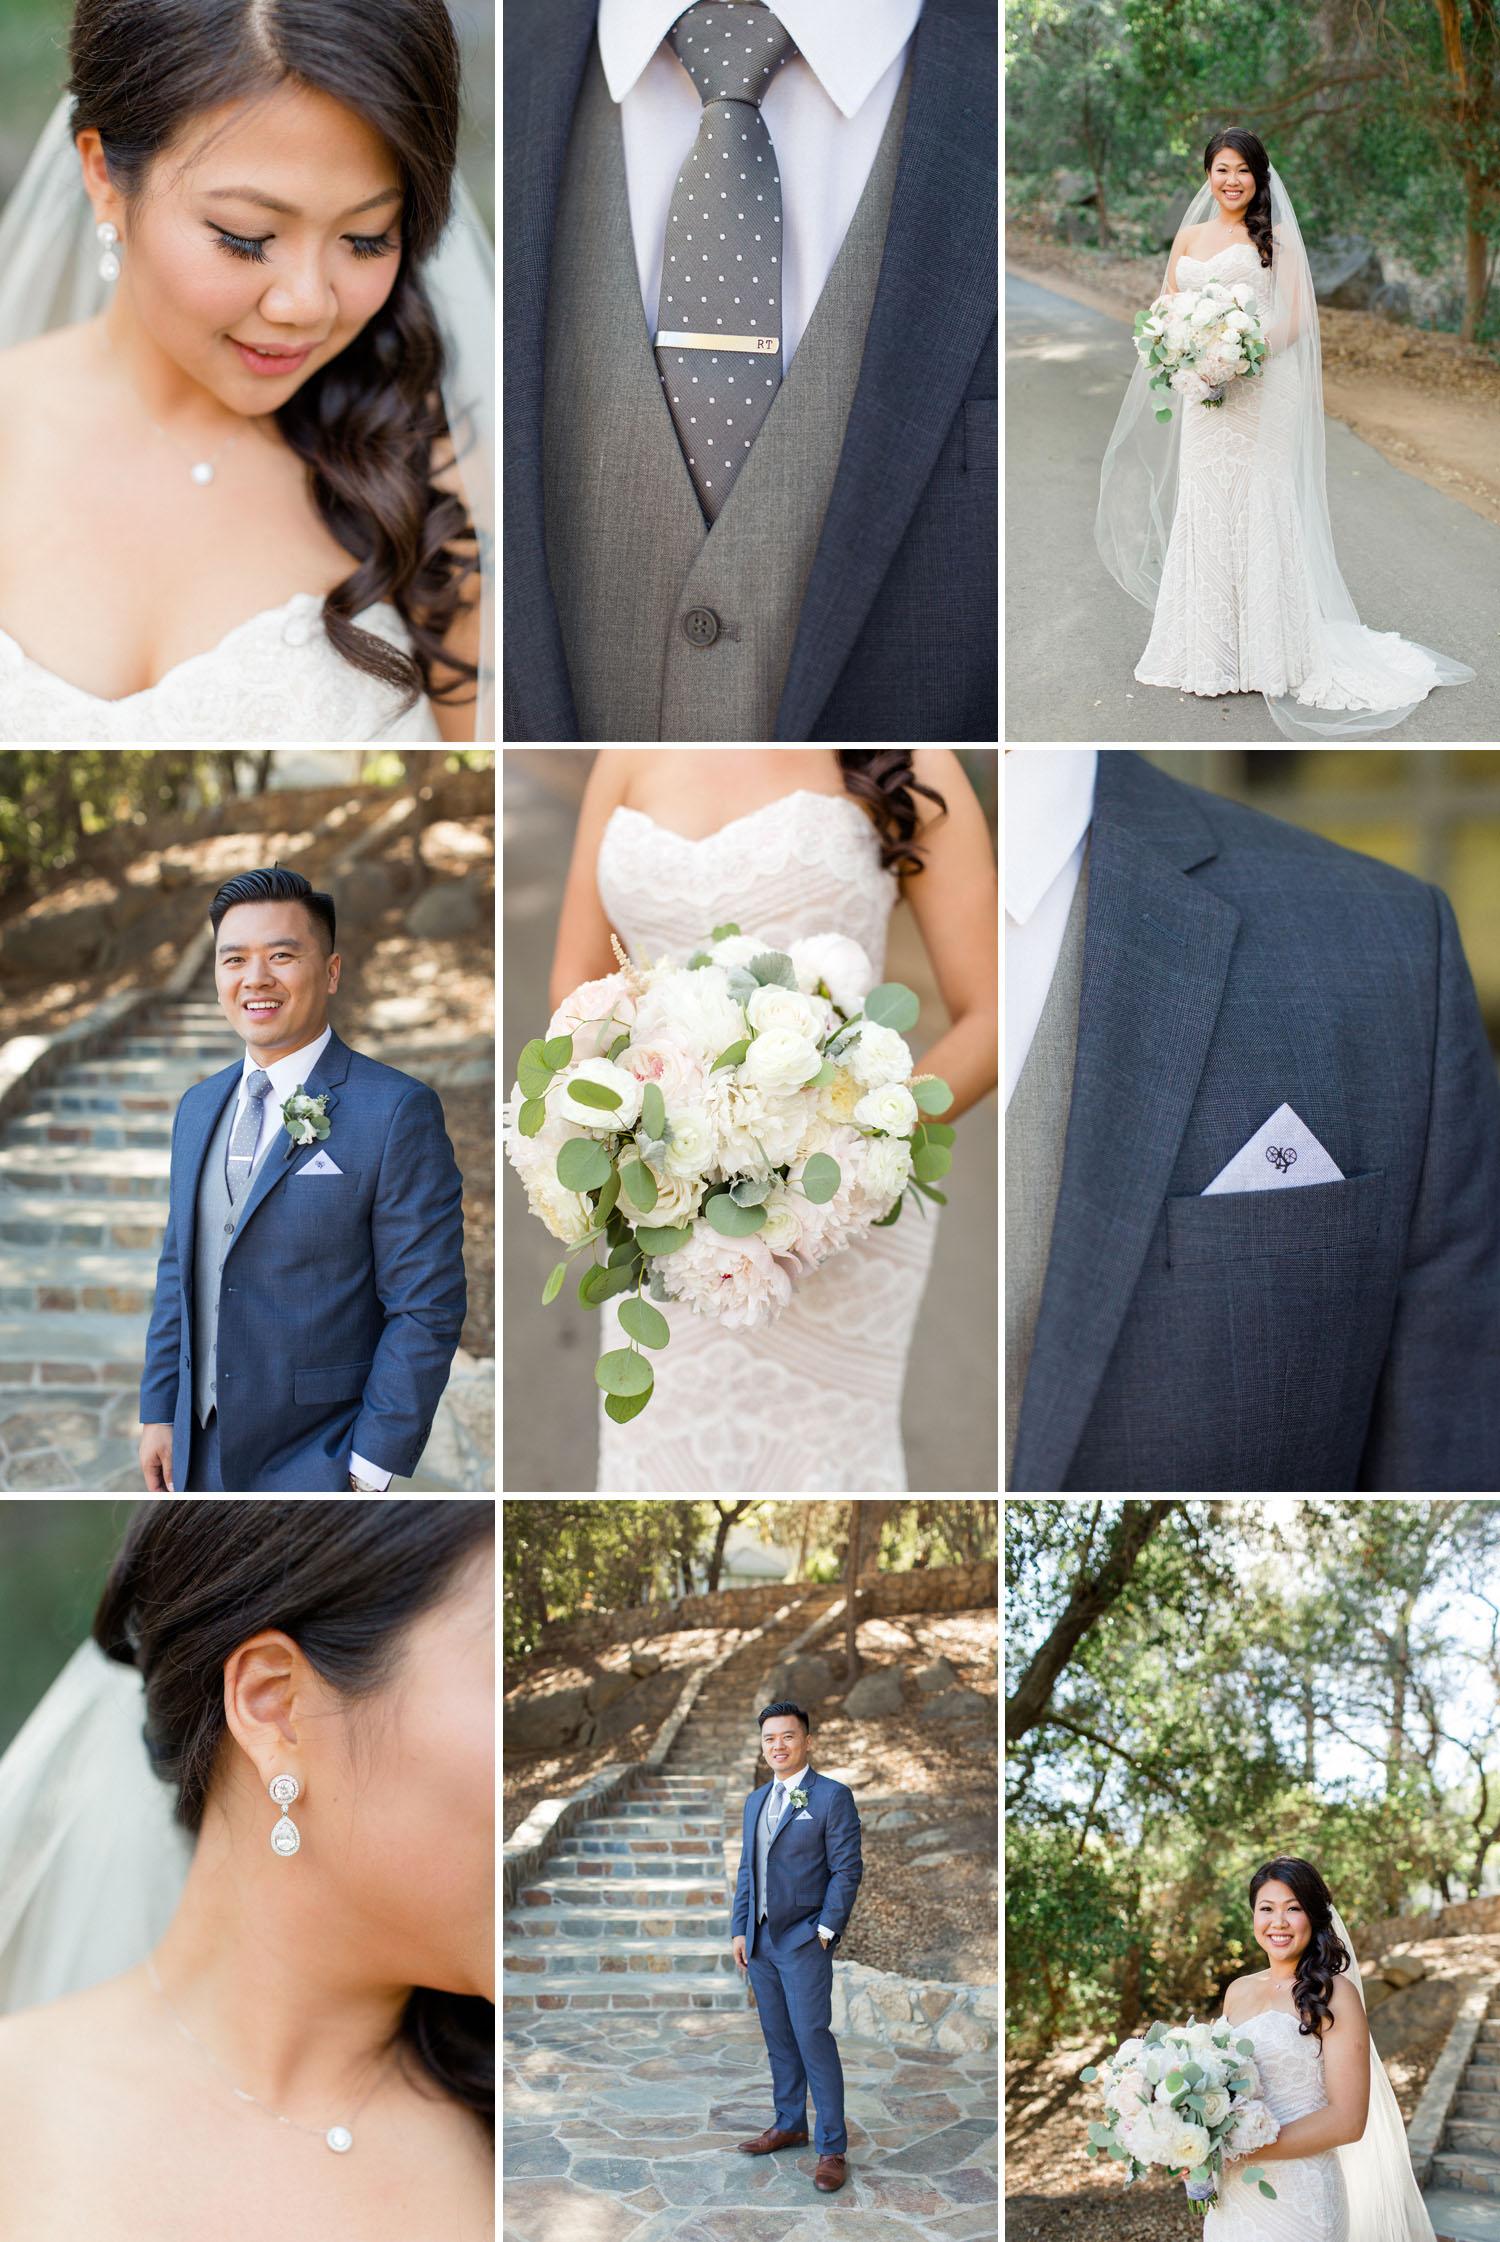 temecula-wedding-photographer020a.jpg